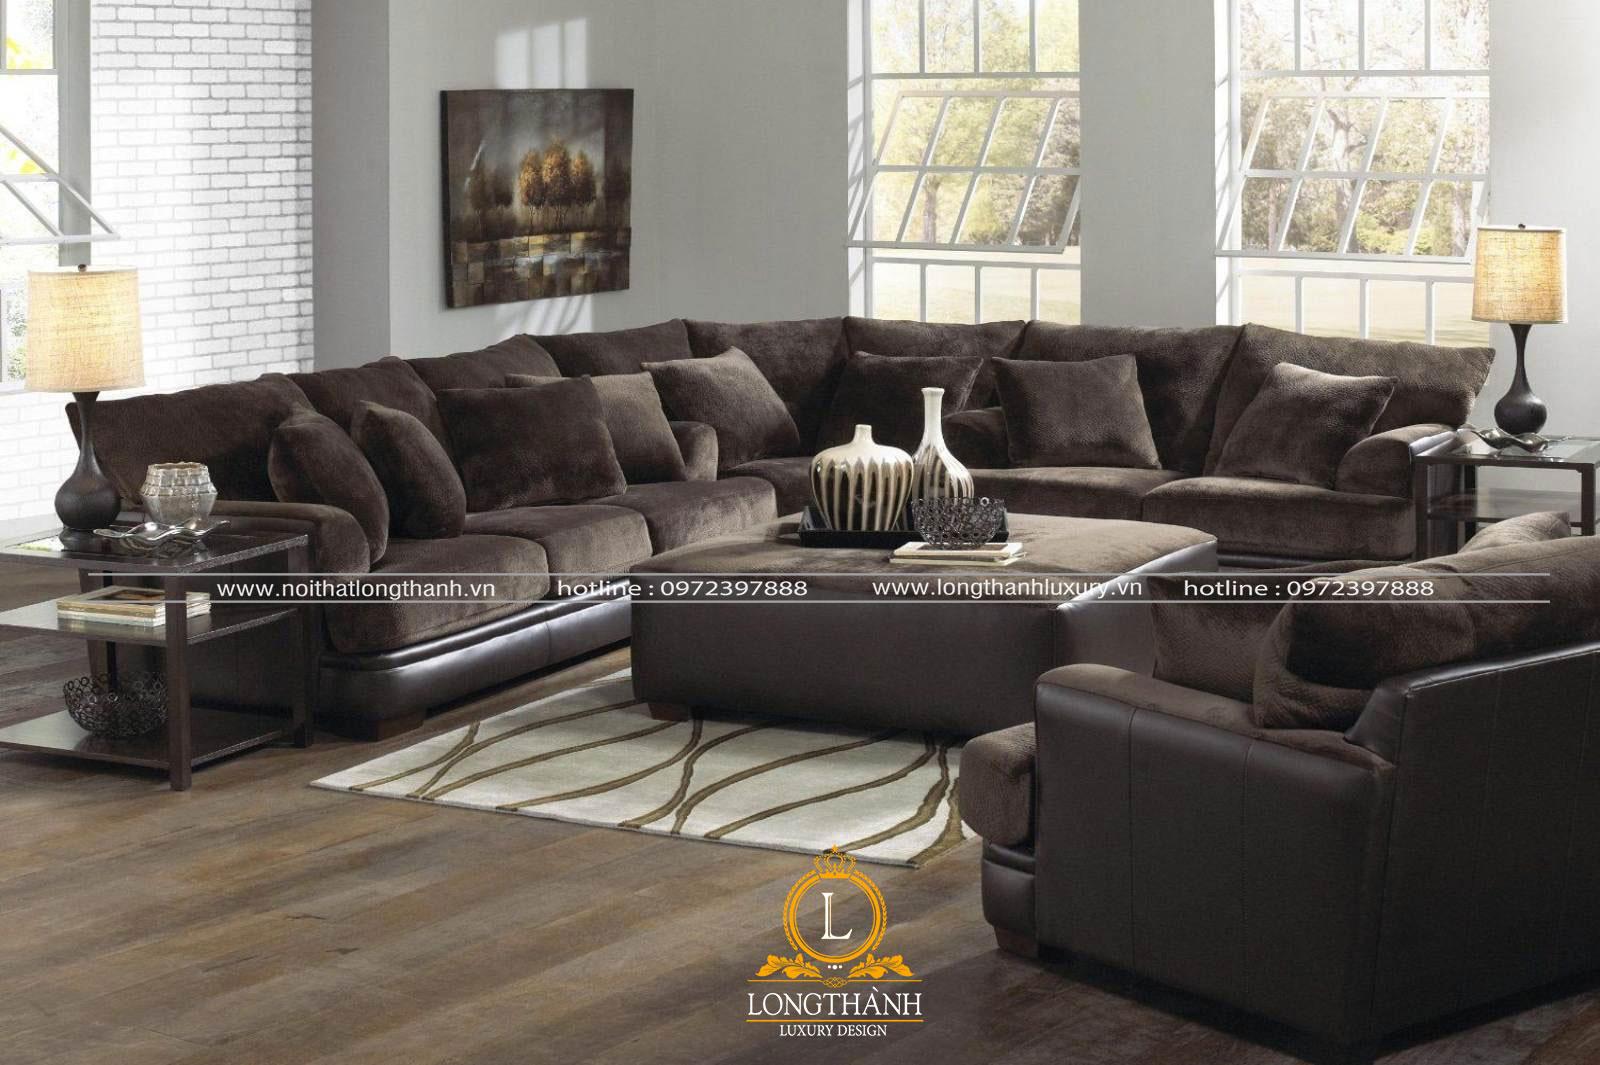 Sofa nhung màu đen xám đặt theo hình góc L kết hợp một ghế văn đôi